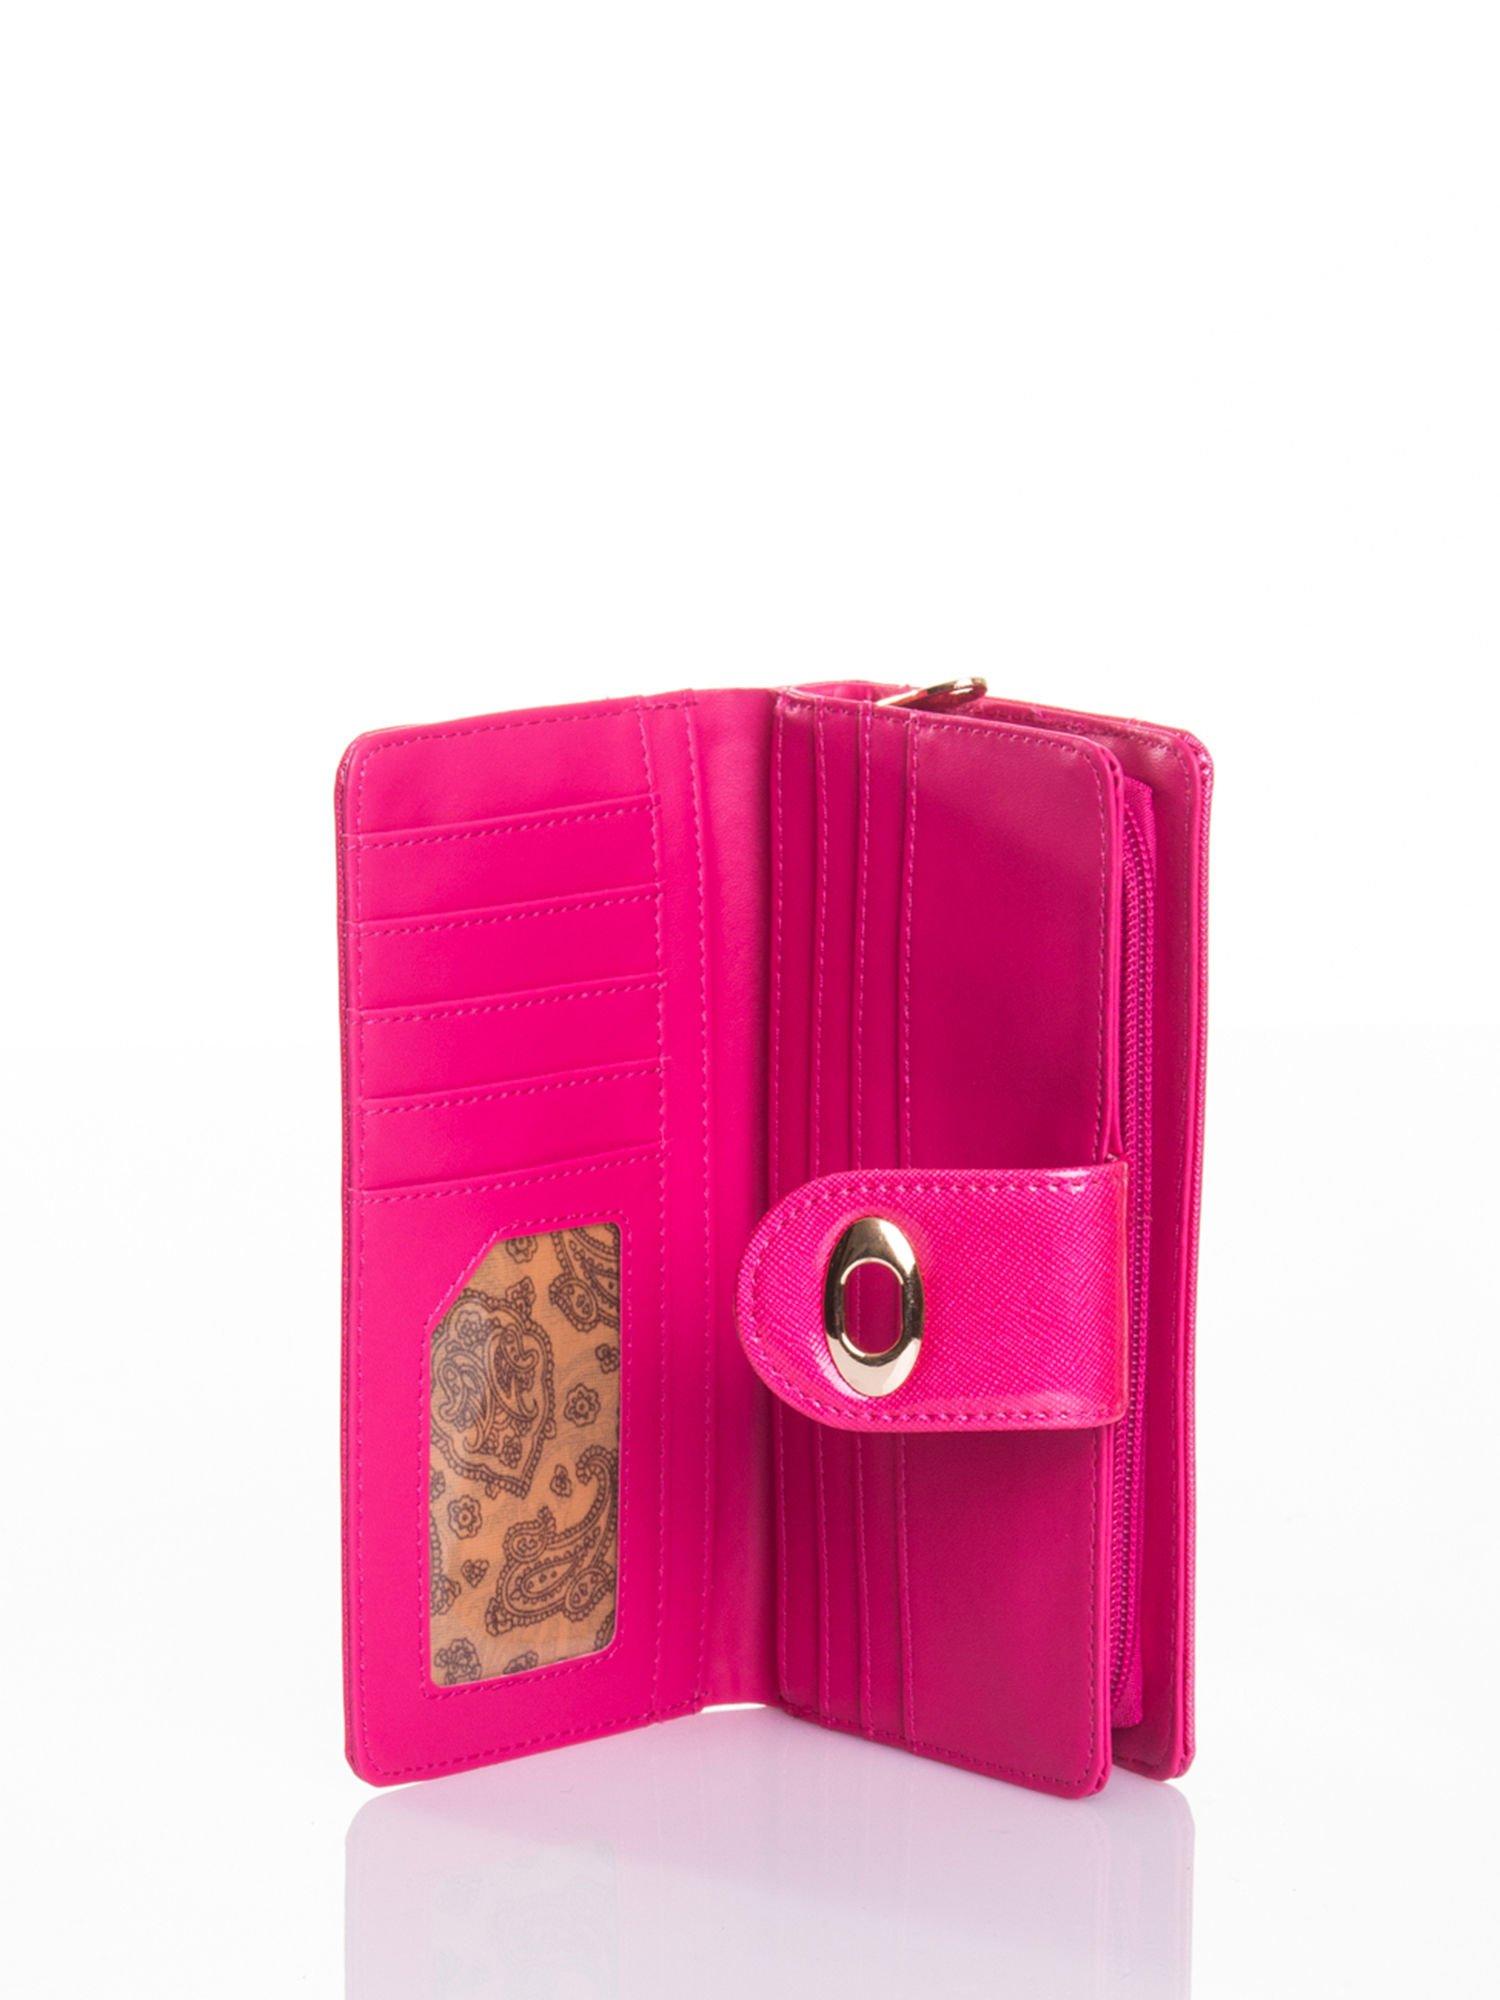 Rożowy portfel ze złotym zapięciem efekt skóry saffiano                                  zdj.                                  4